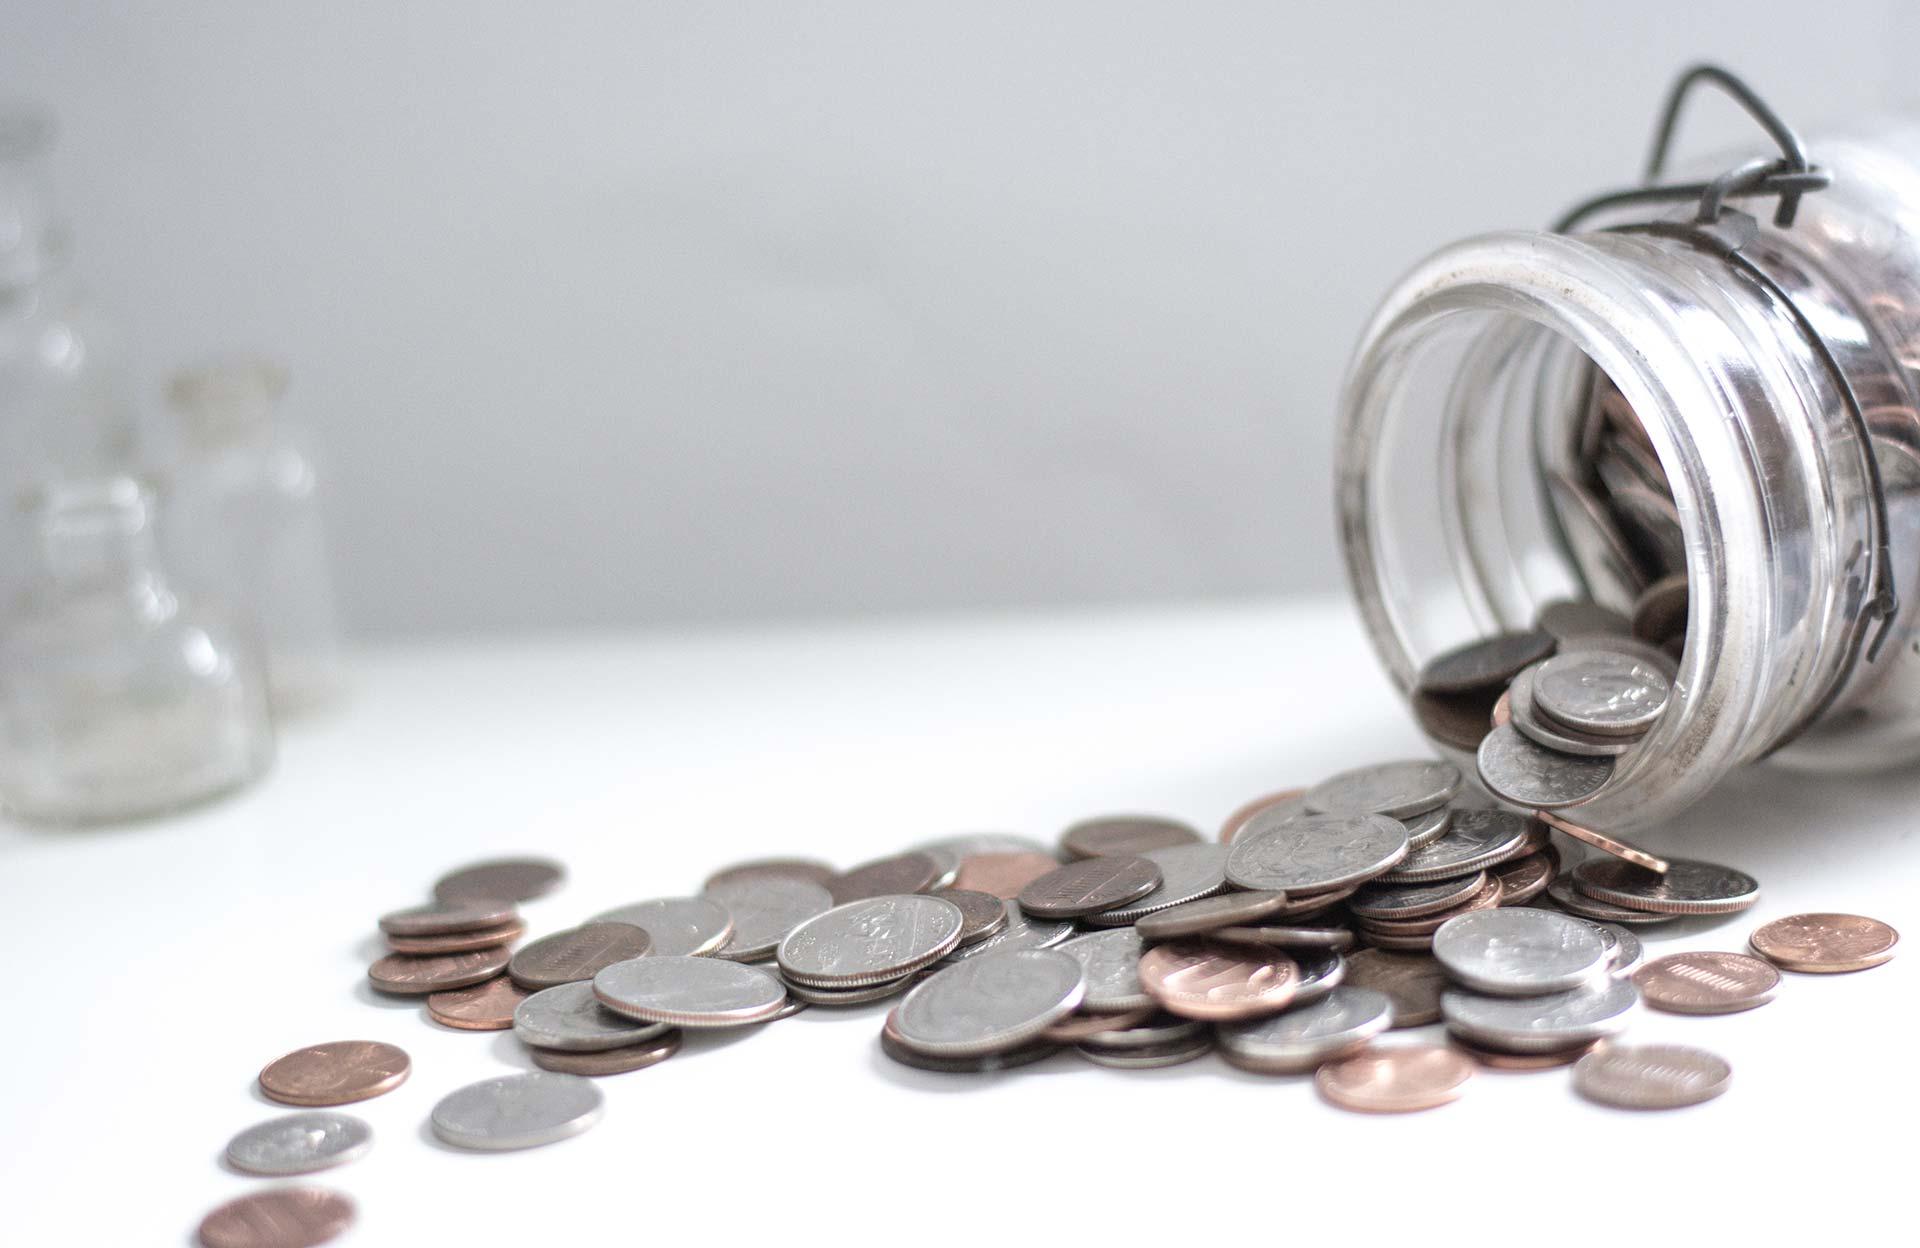 Tarro de dinero derramando monedas en una mesa